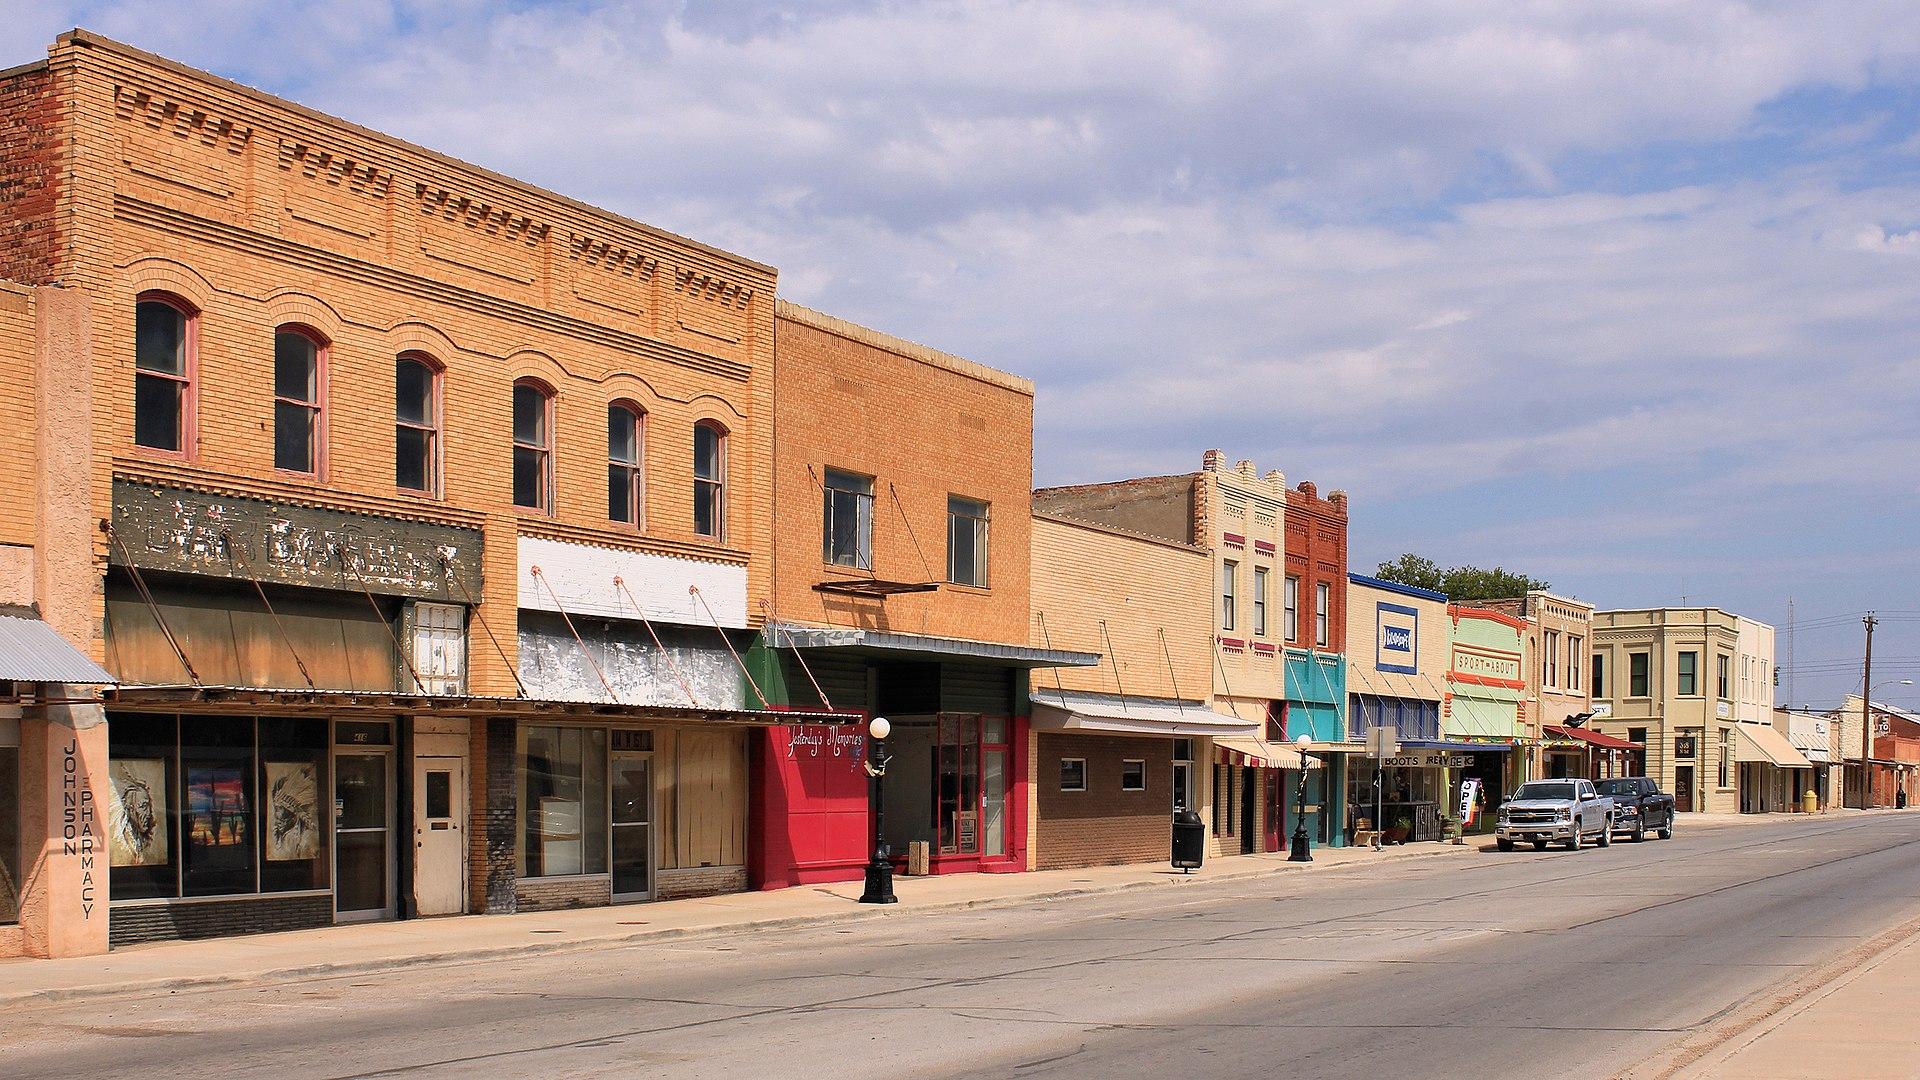 Haskell Texas Wikipedia